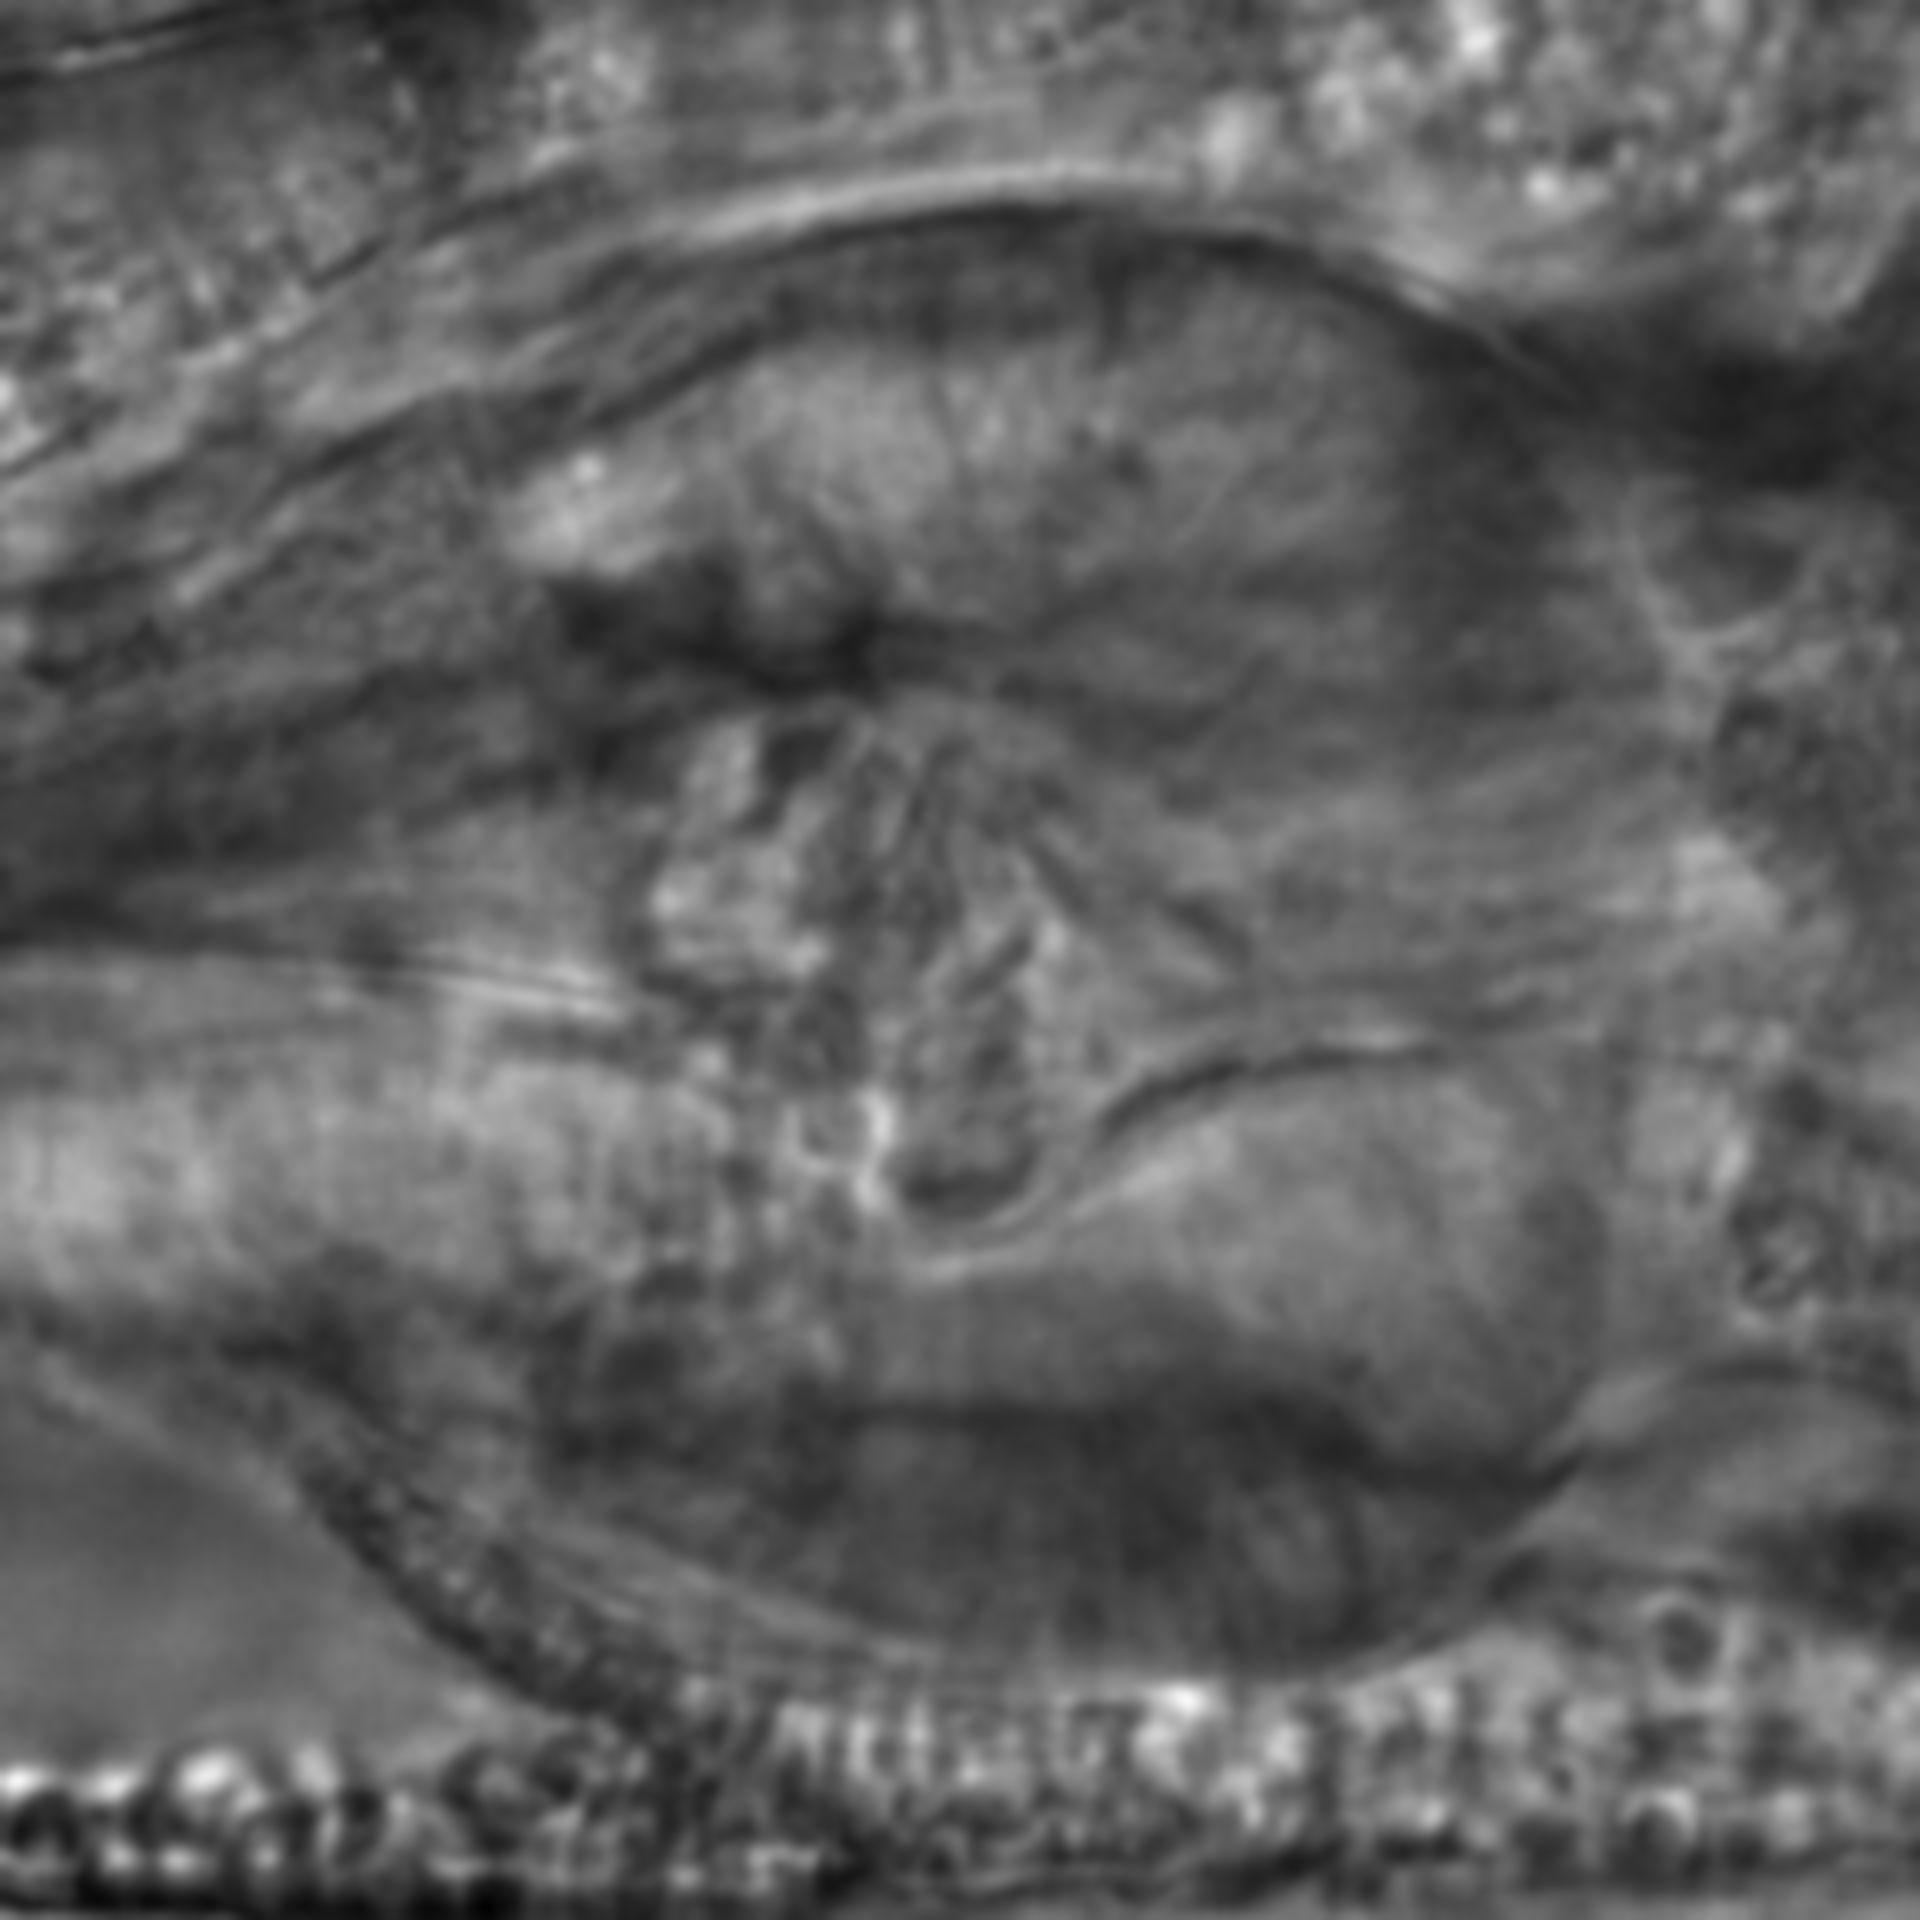 Caenorhabditis elegans - CIL:2769